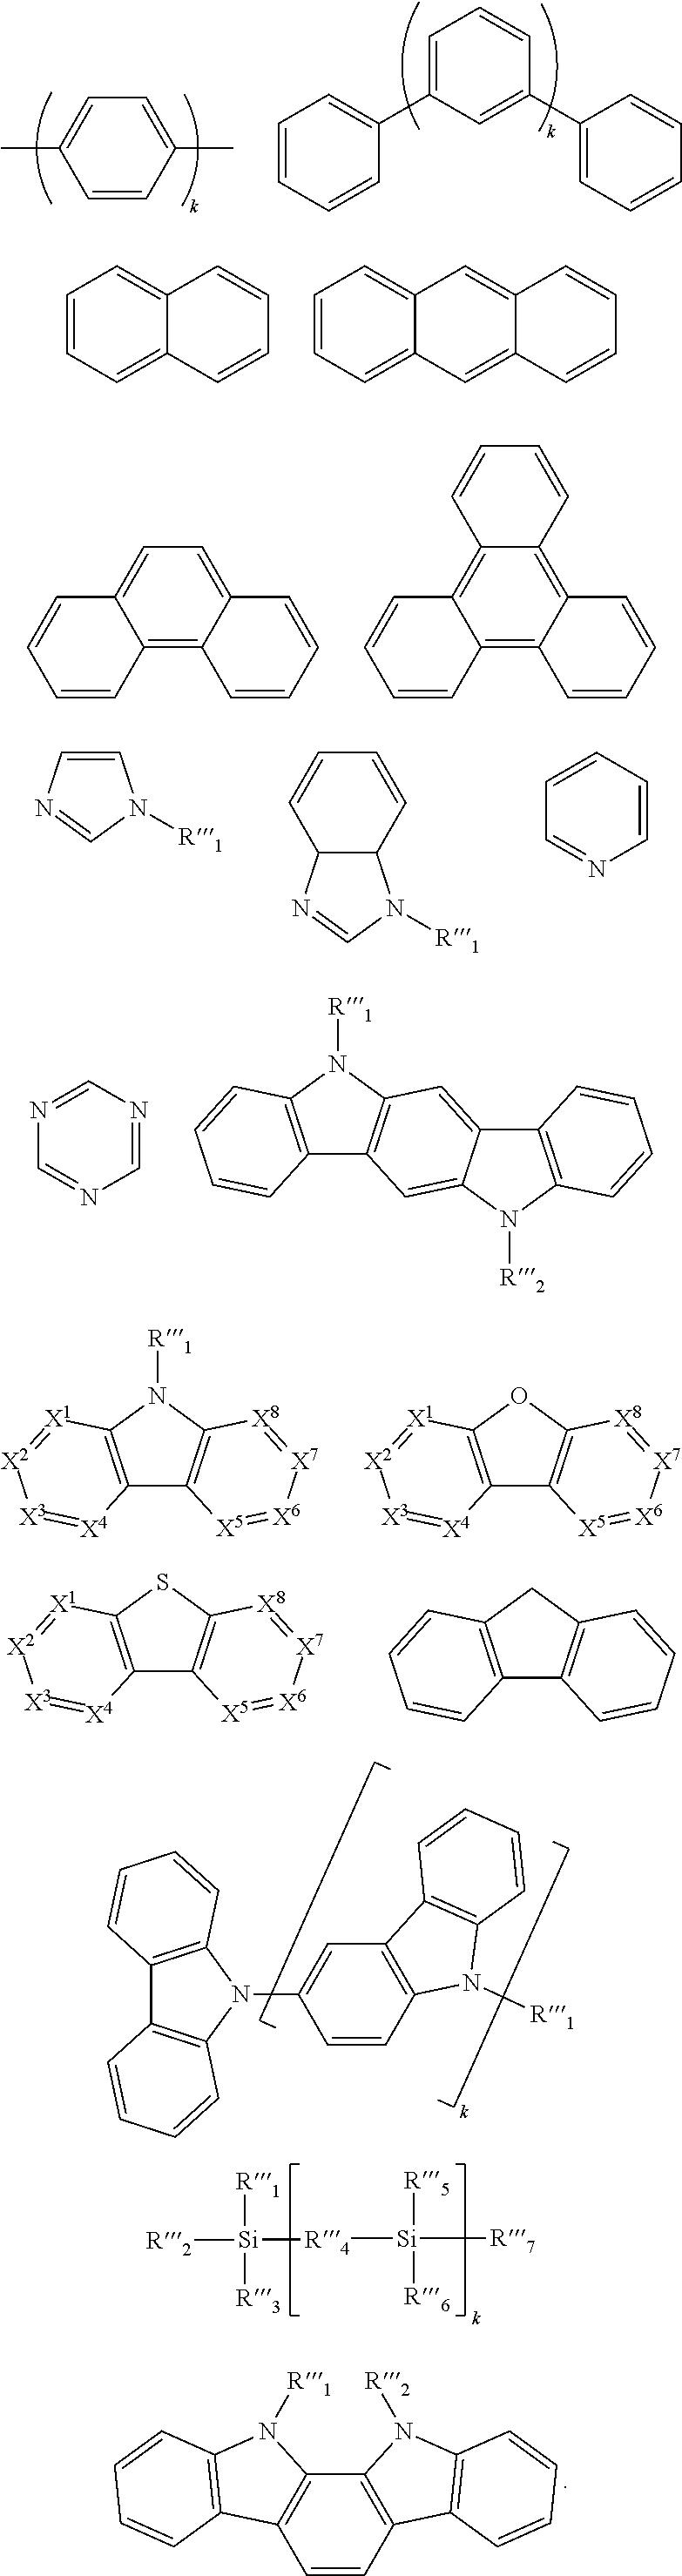 Figure US09972793-20180515-C00030